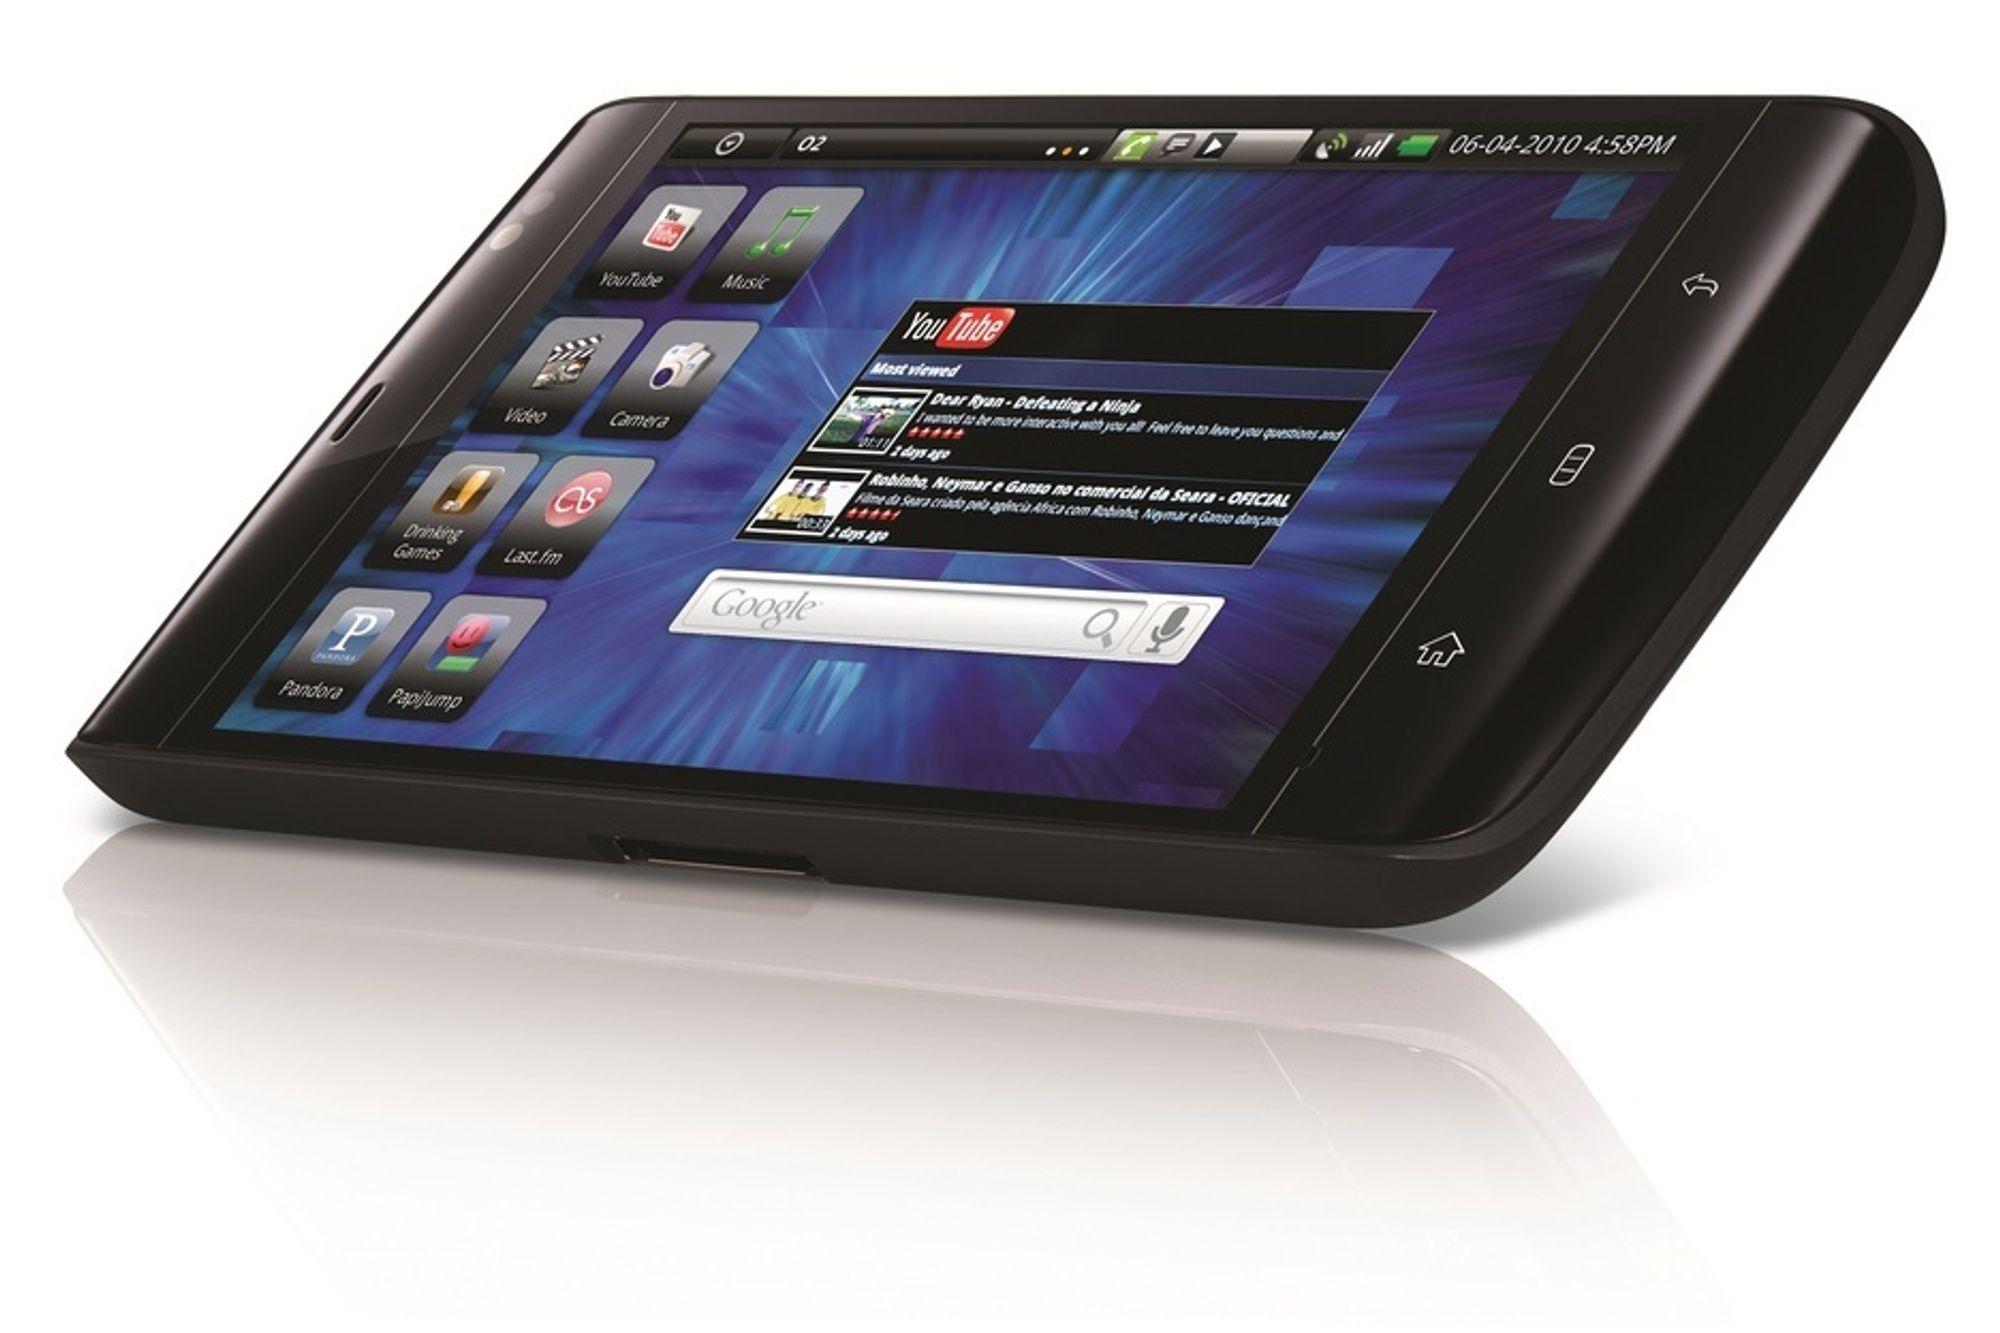 Dell Streak er en mellomting mellom mobiltelefon og surfebrett, med sin 5 tommer store skjerm.